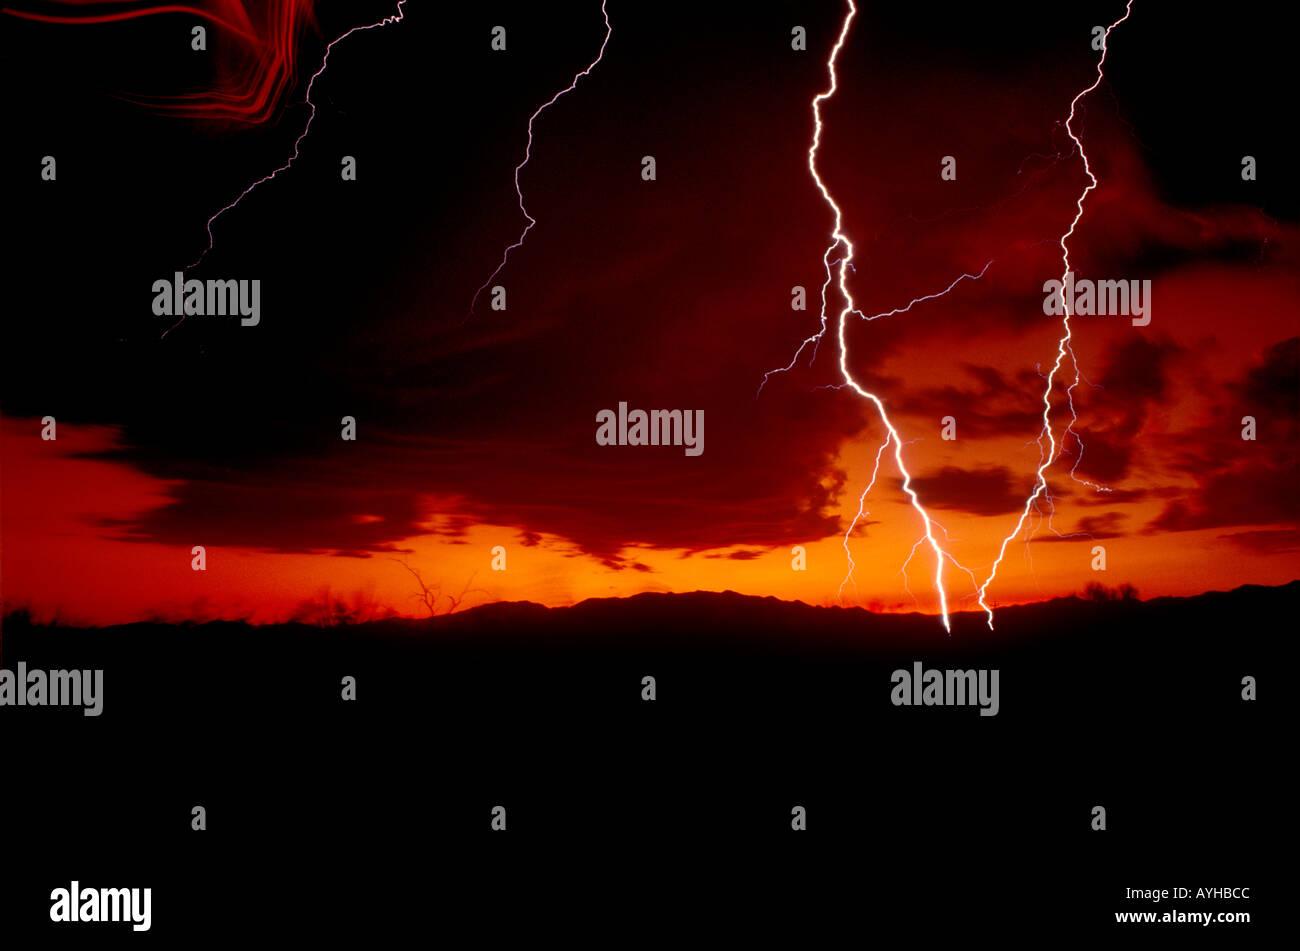 Close striking lightning bolts against natural orange sky